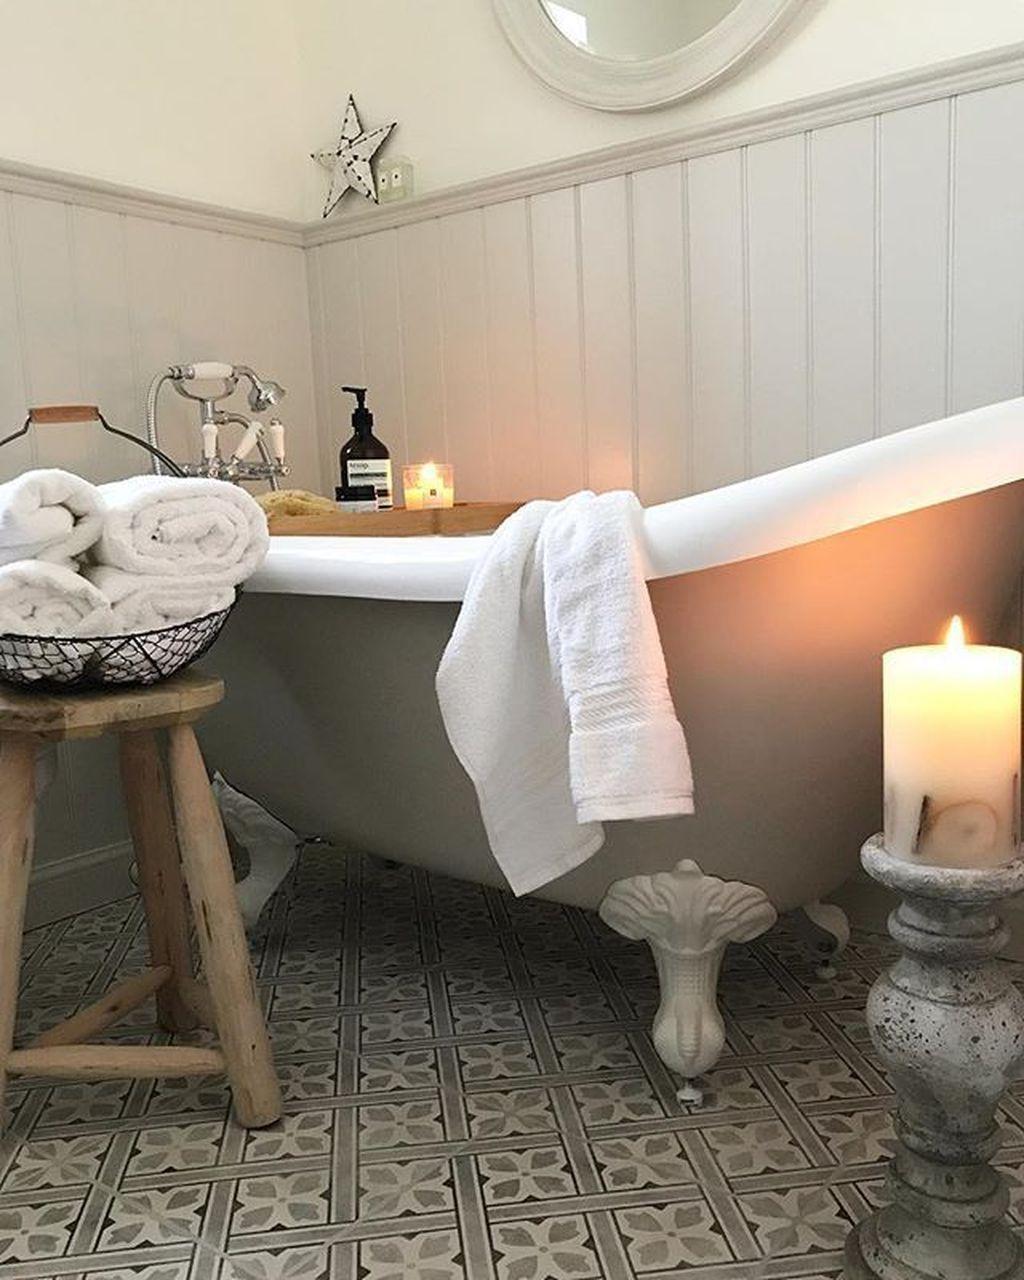 Badezimmerdesignideen Die Entzuckende Nicht Sie Sollten Traditionelle In 2020 Viktorianisches Badezimmer Badezimmer Innenausstattung Minimalistisches Badezimmer